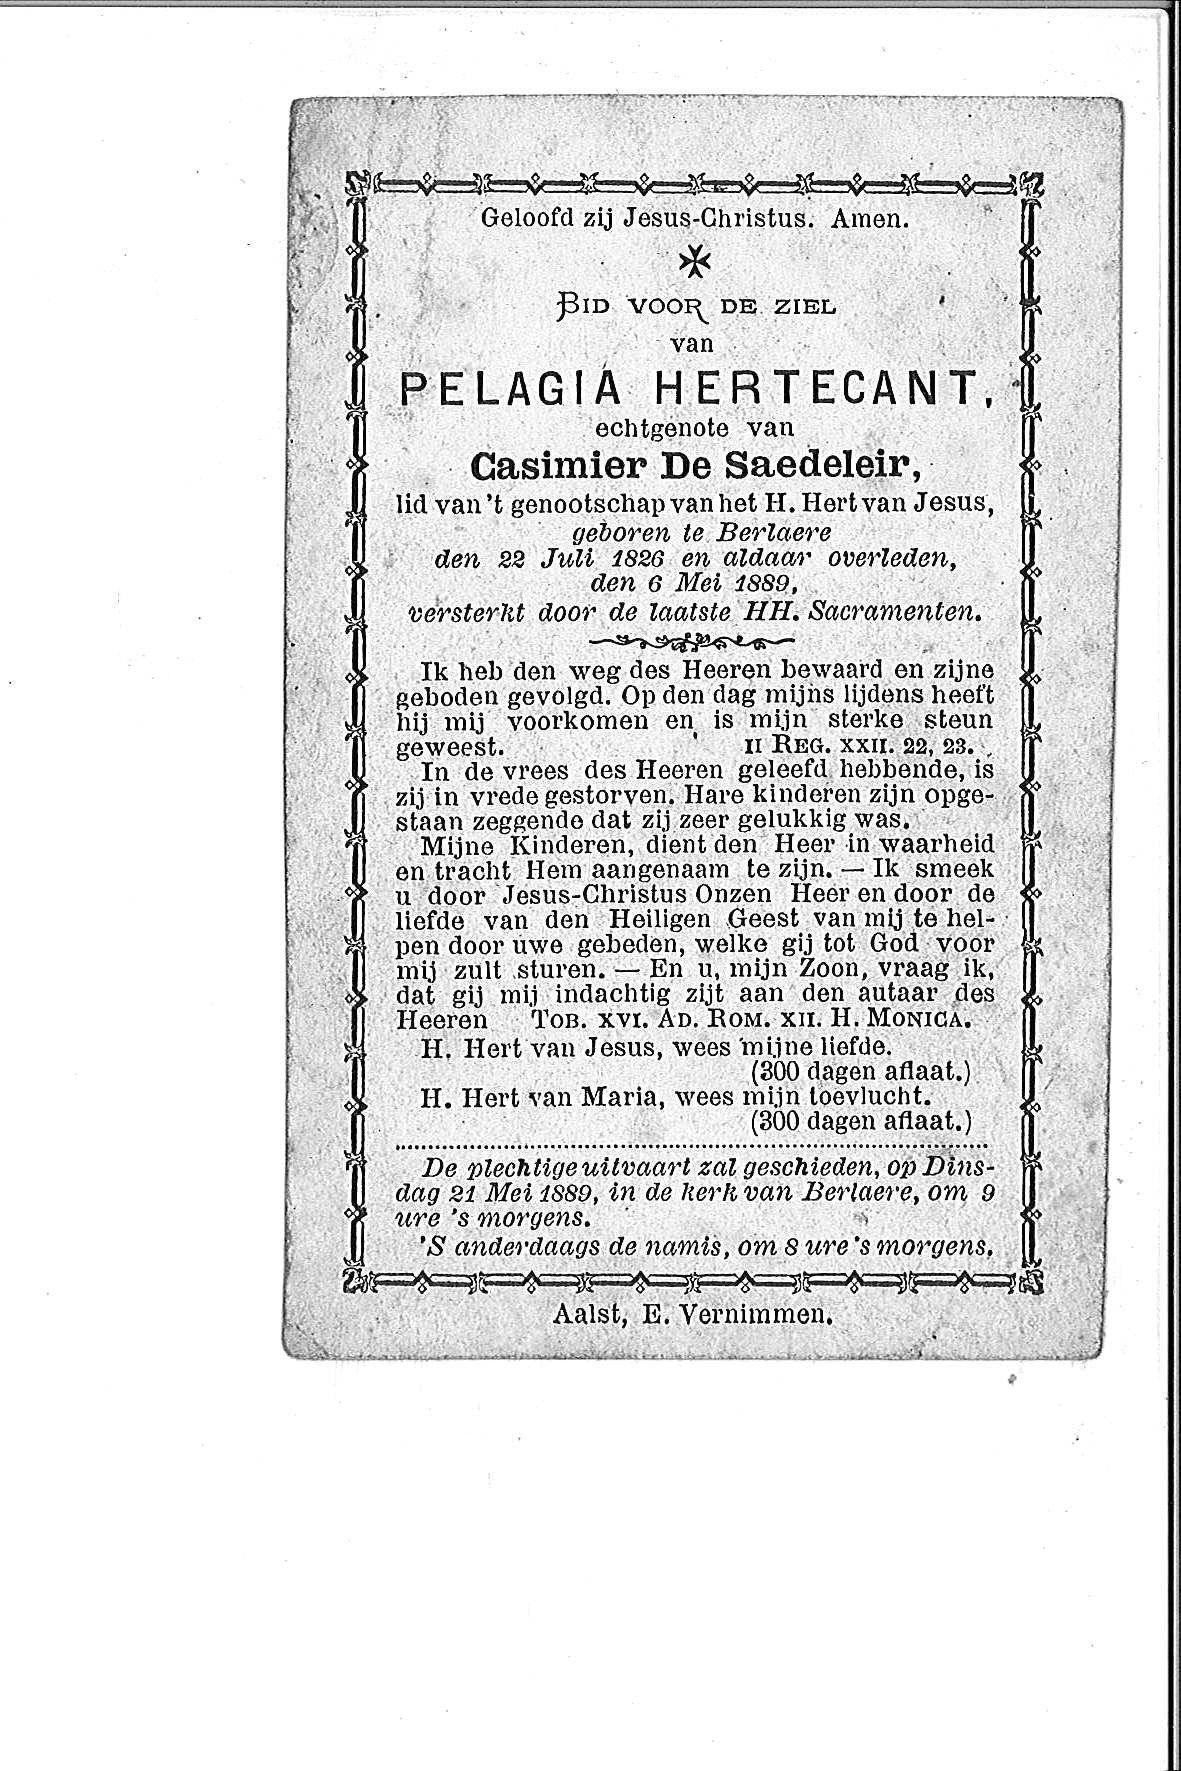 Pelagia(1889)20150416142747_00013.jpg